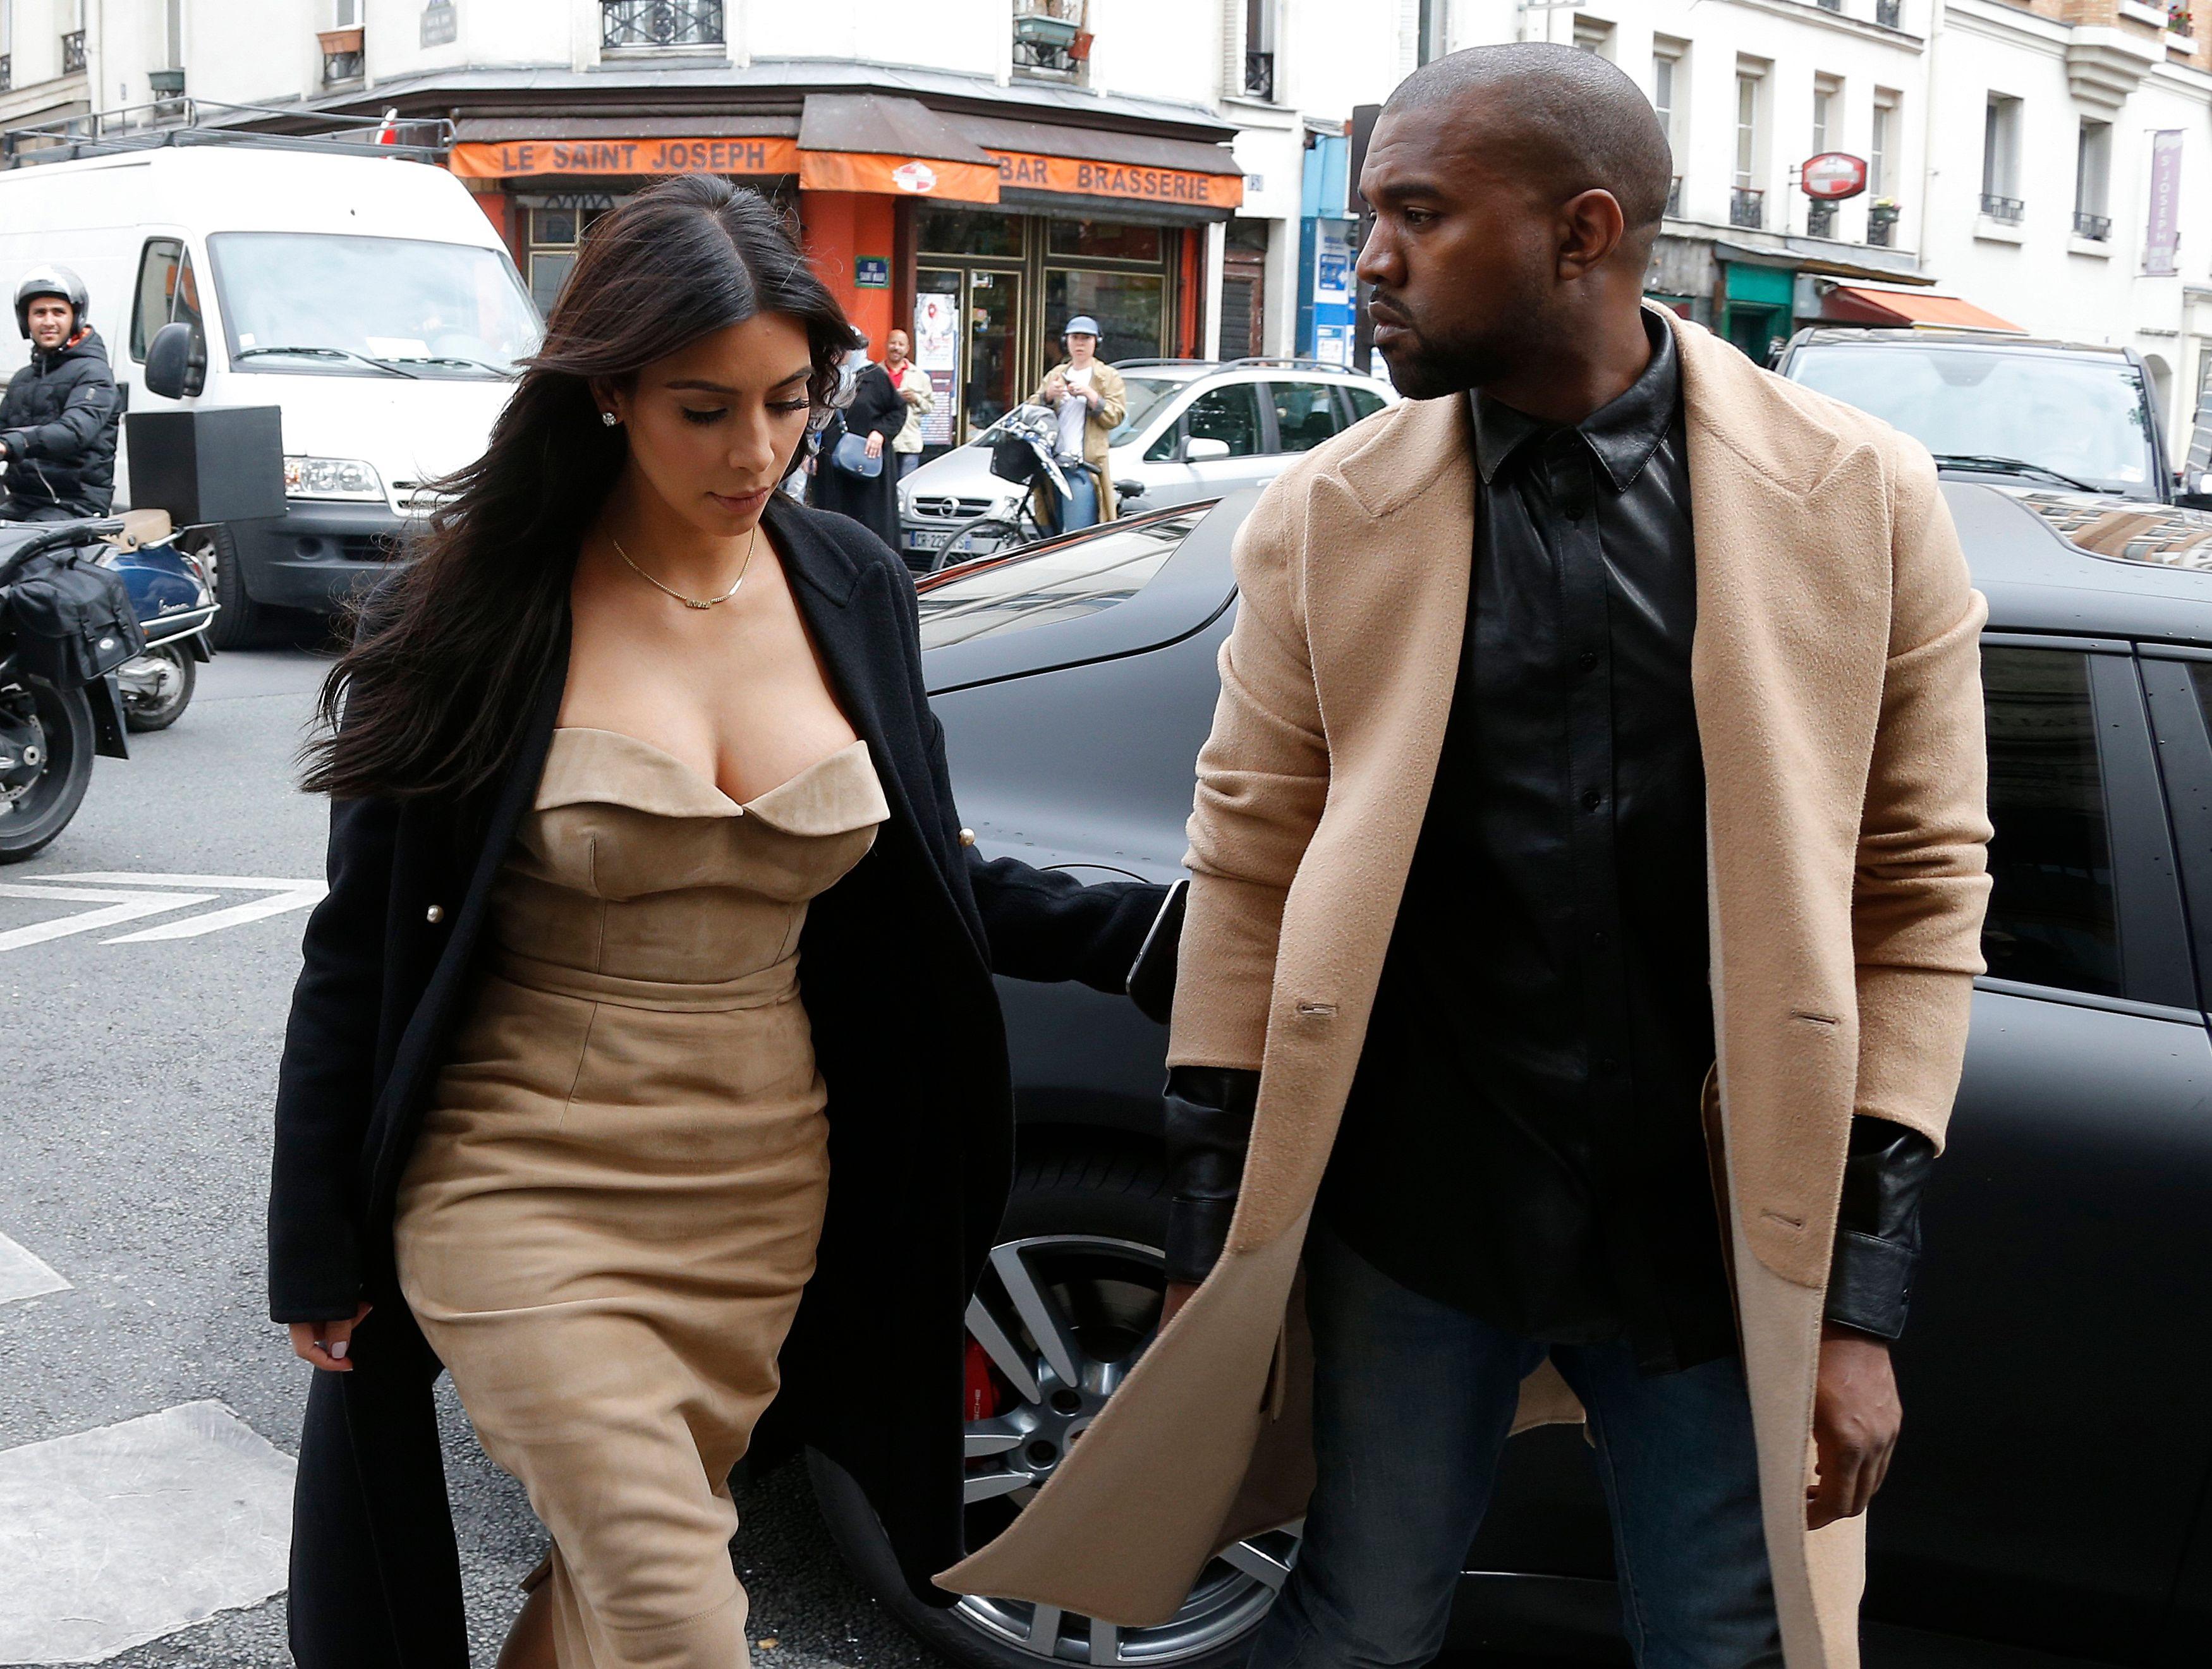 Mariage de Kanye West et Kim Kardashian : le programme des festivités connu